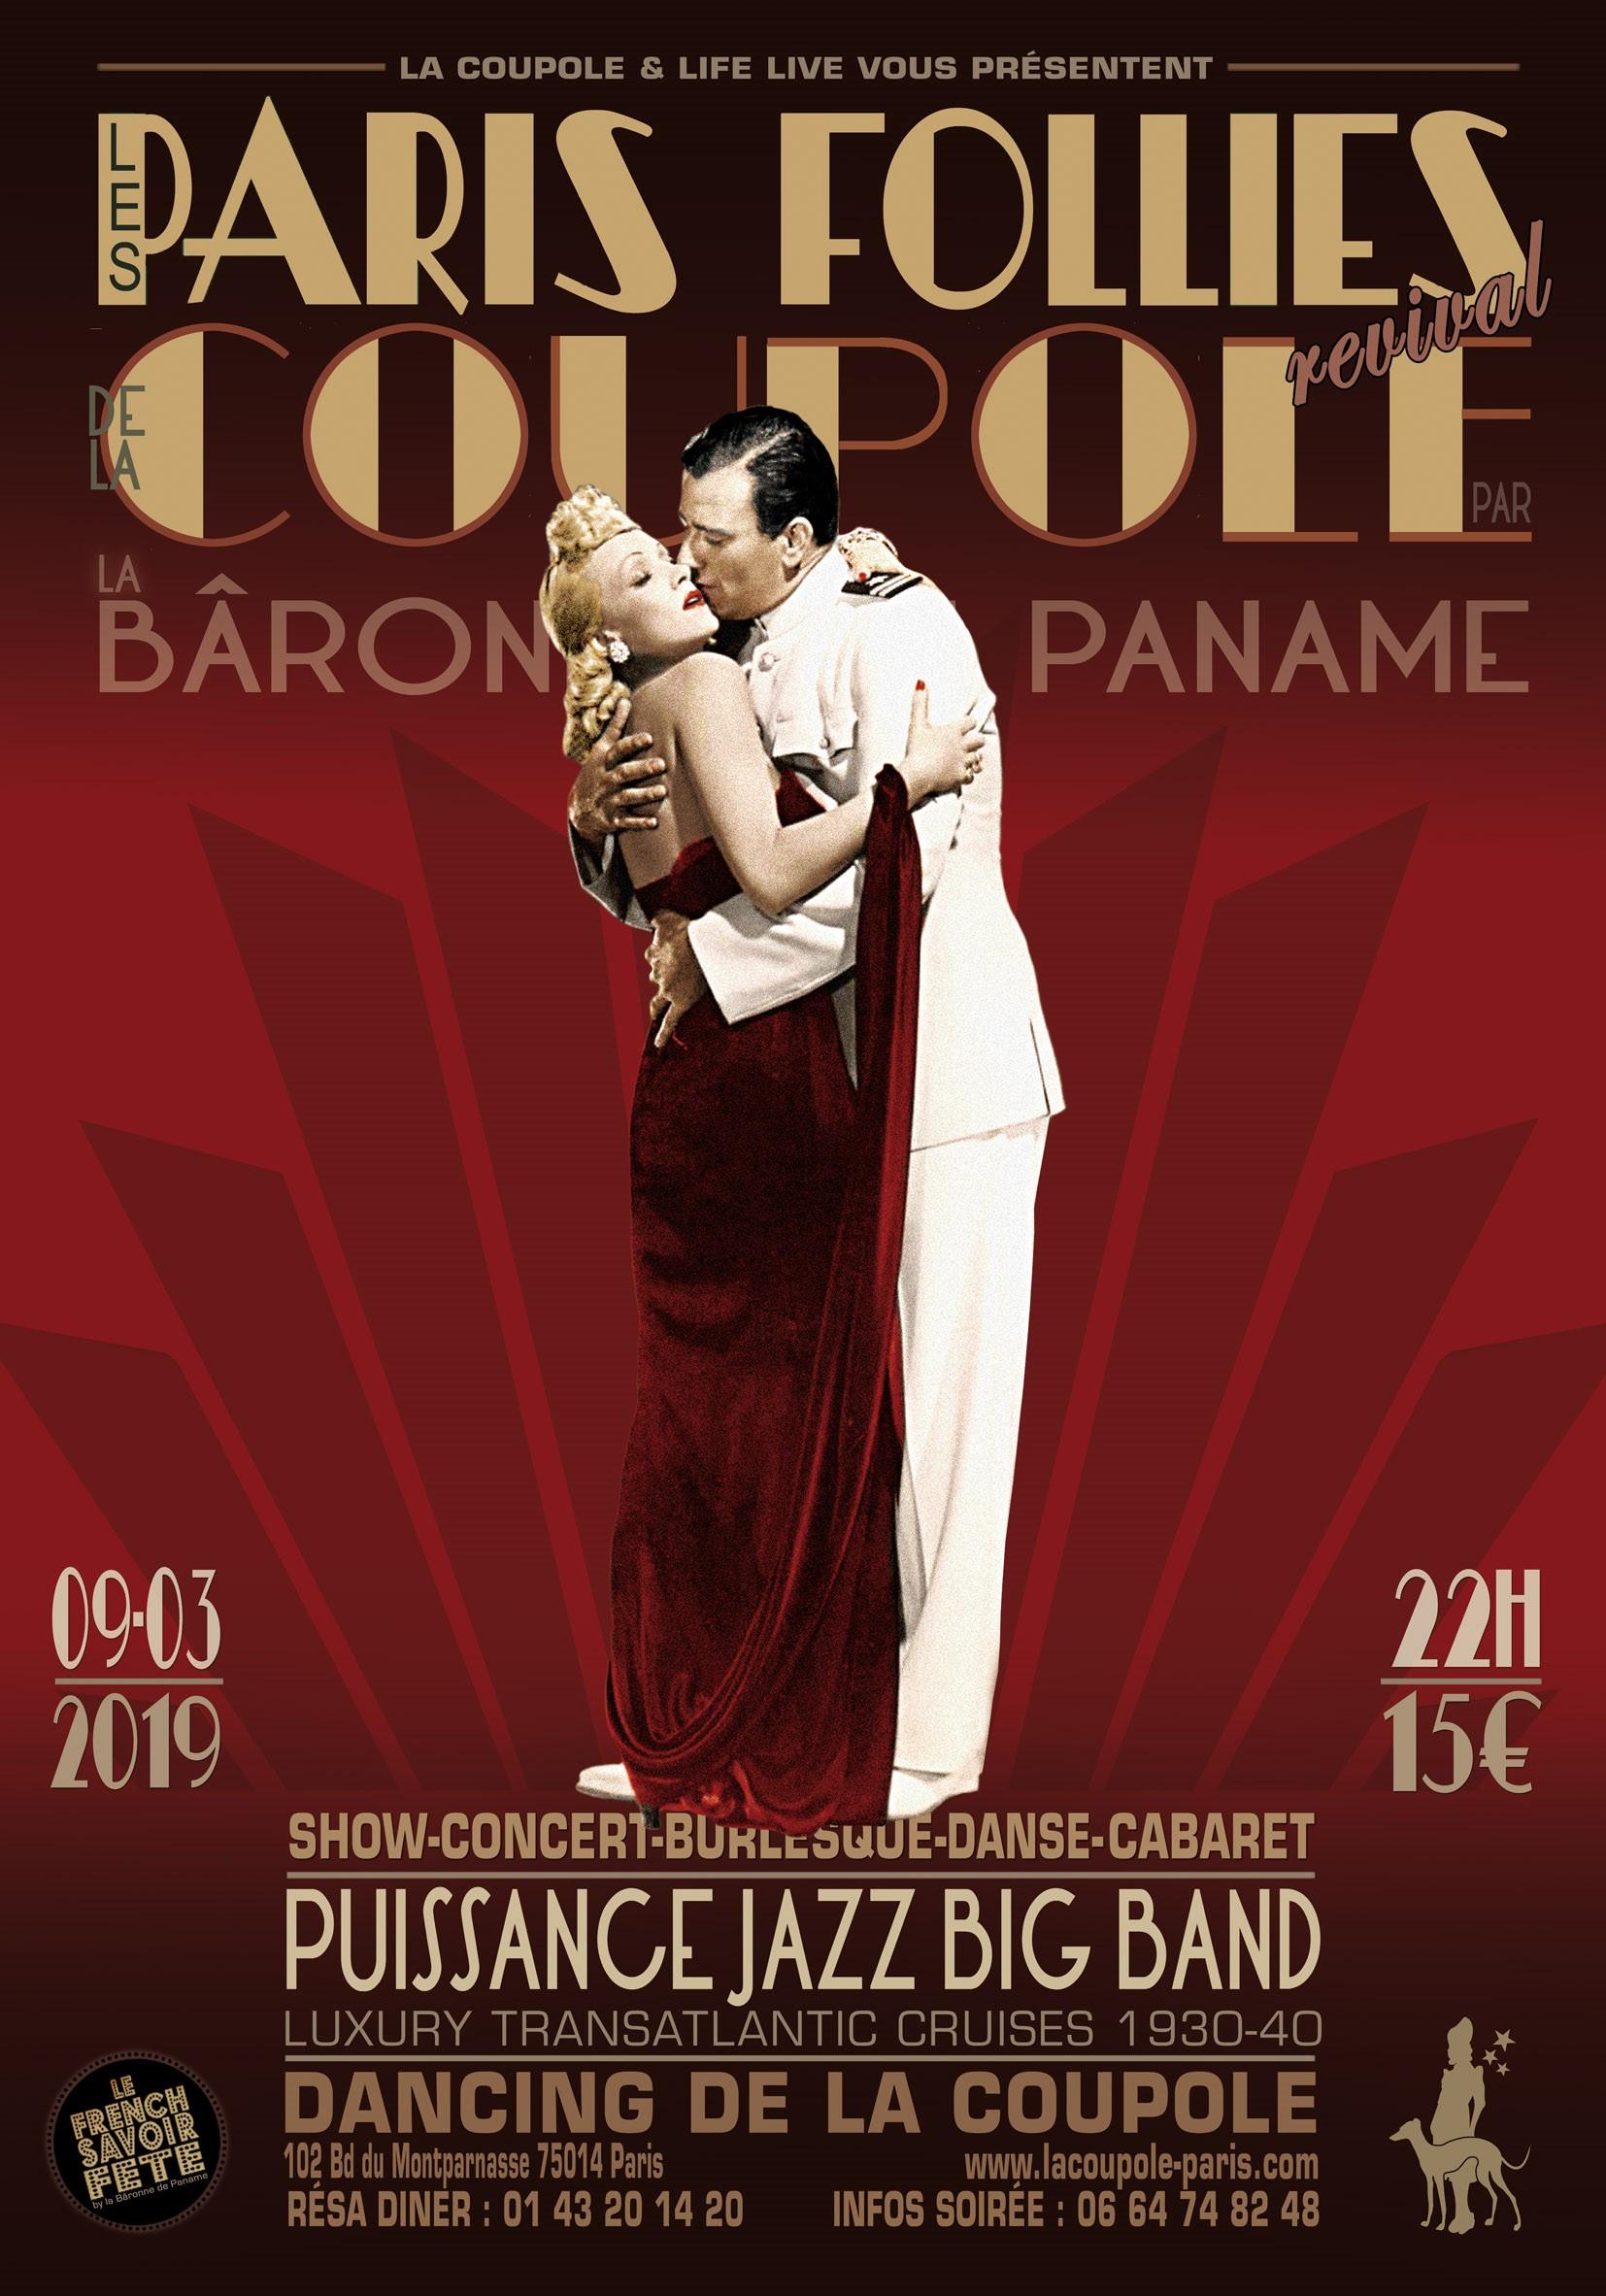 Paris Follies by La Bâronne de Paname - Luxury Cruises 1930/40